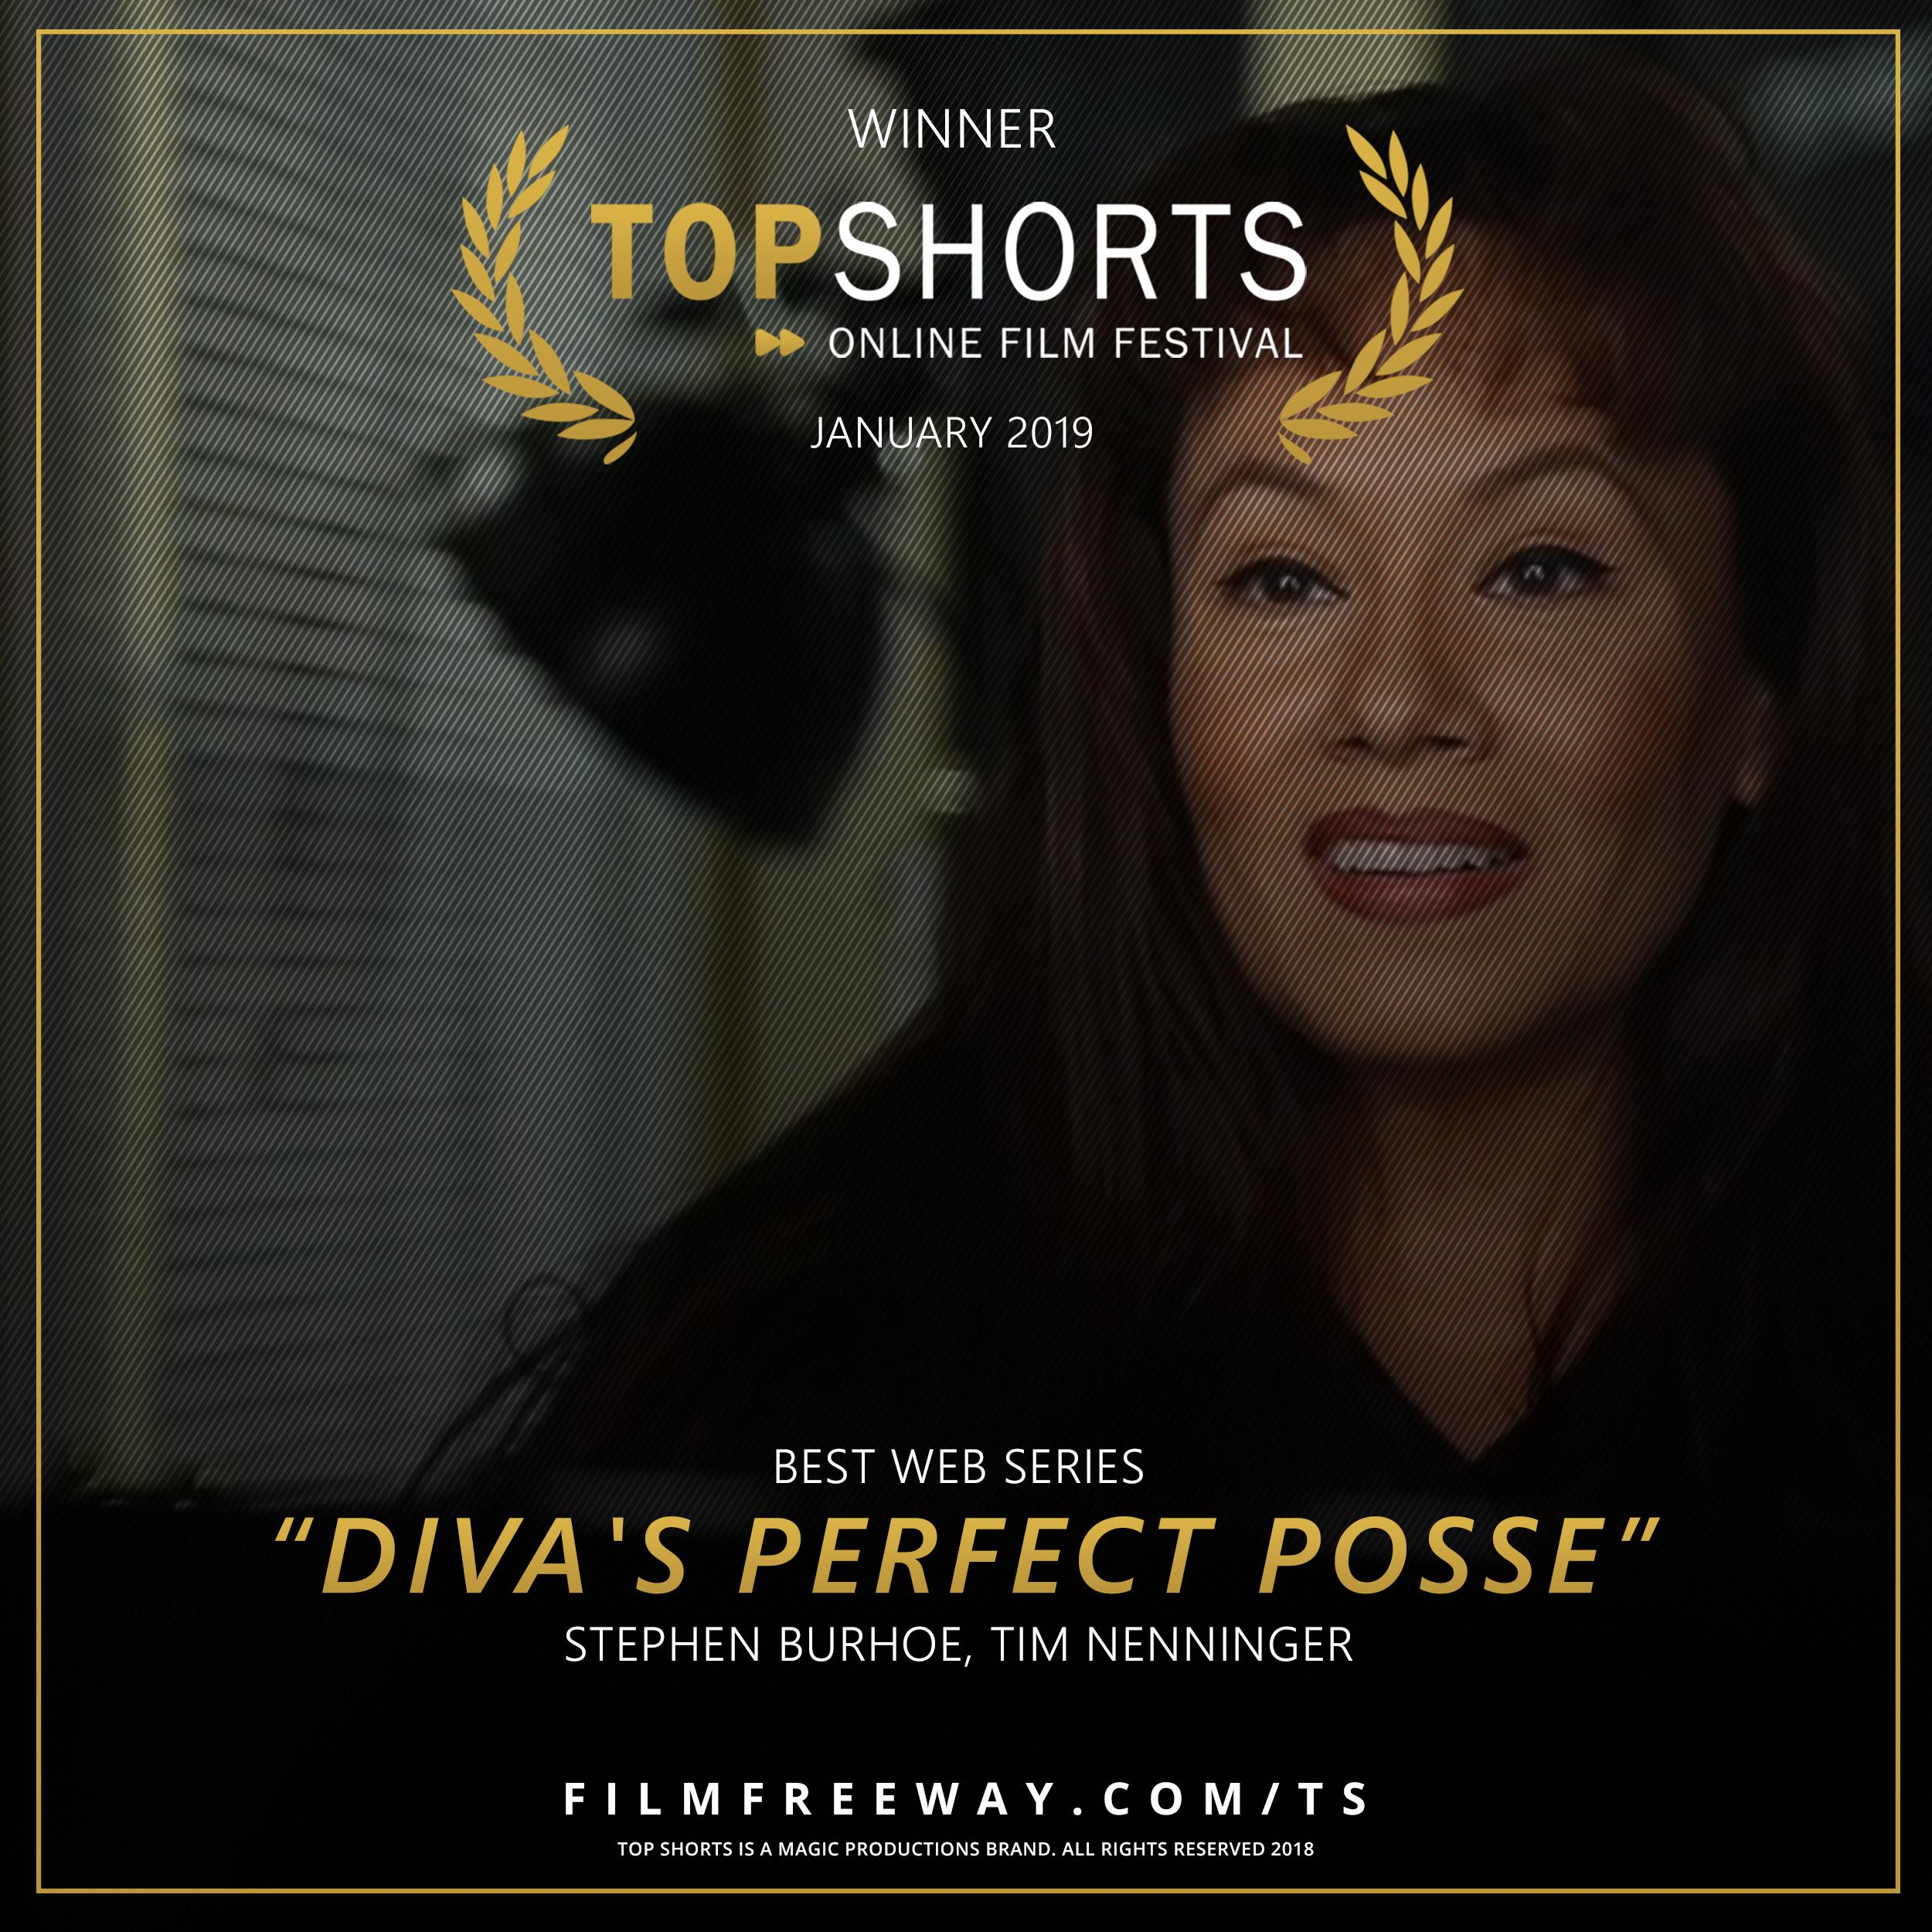 DIVA'S PERFECT POSSE